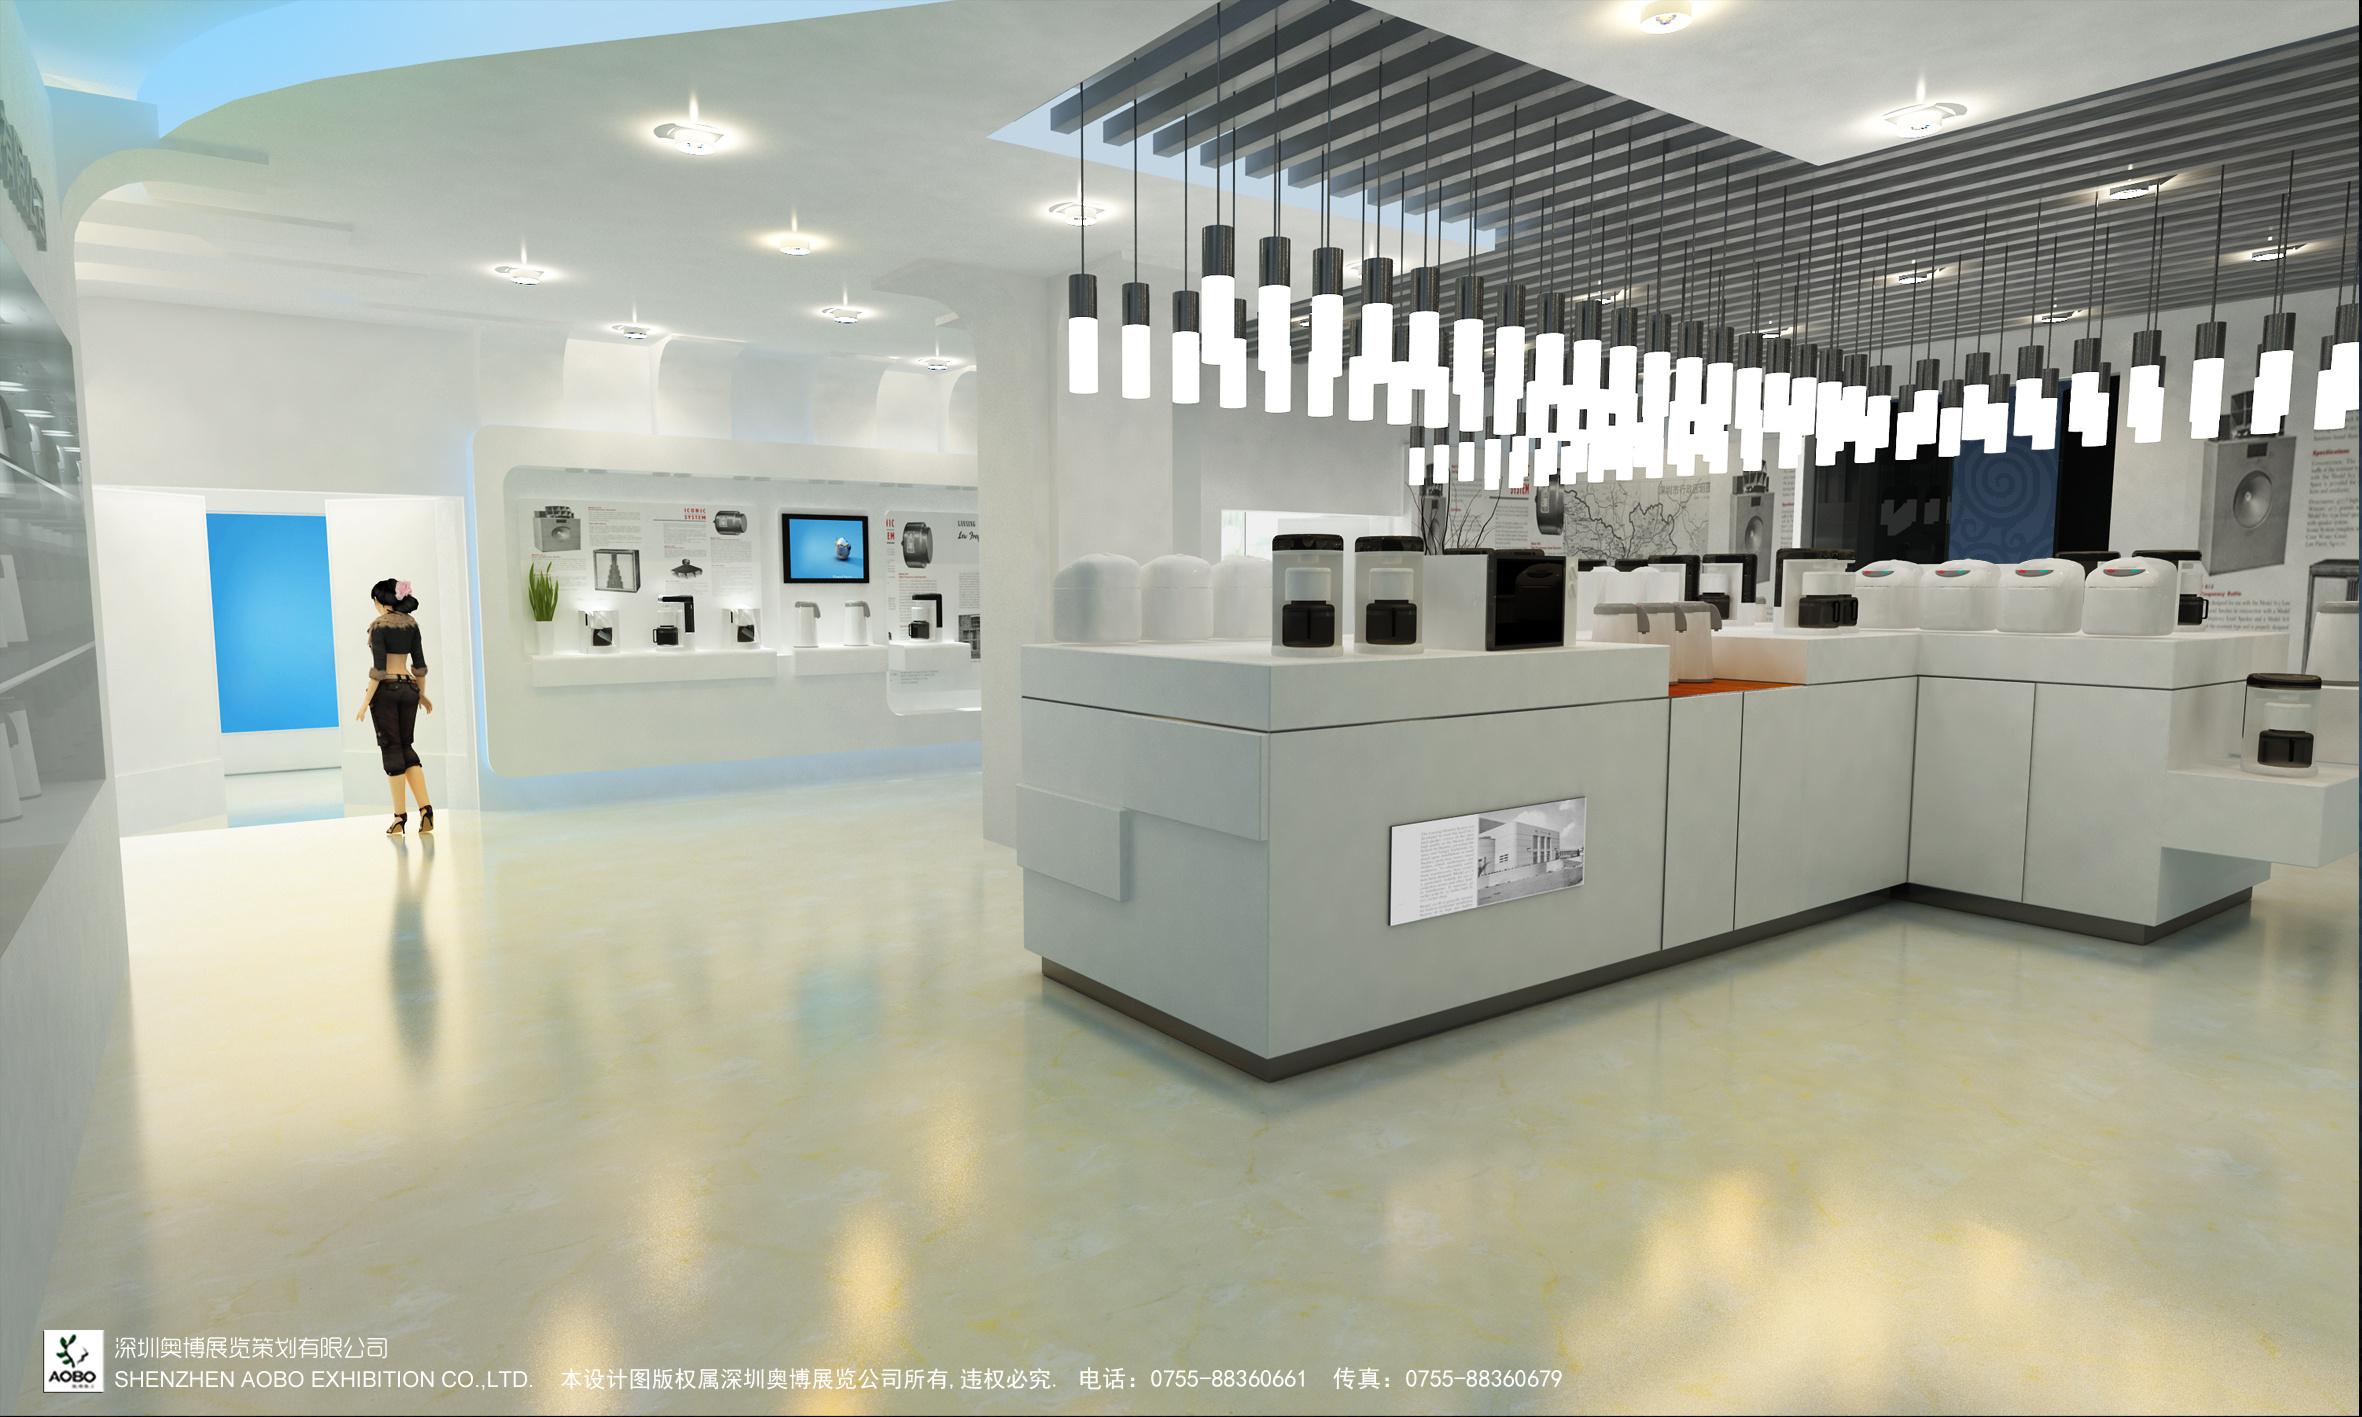 展厅制作方案|空间|展示设计 |_aisin_ - 原创作品